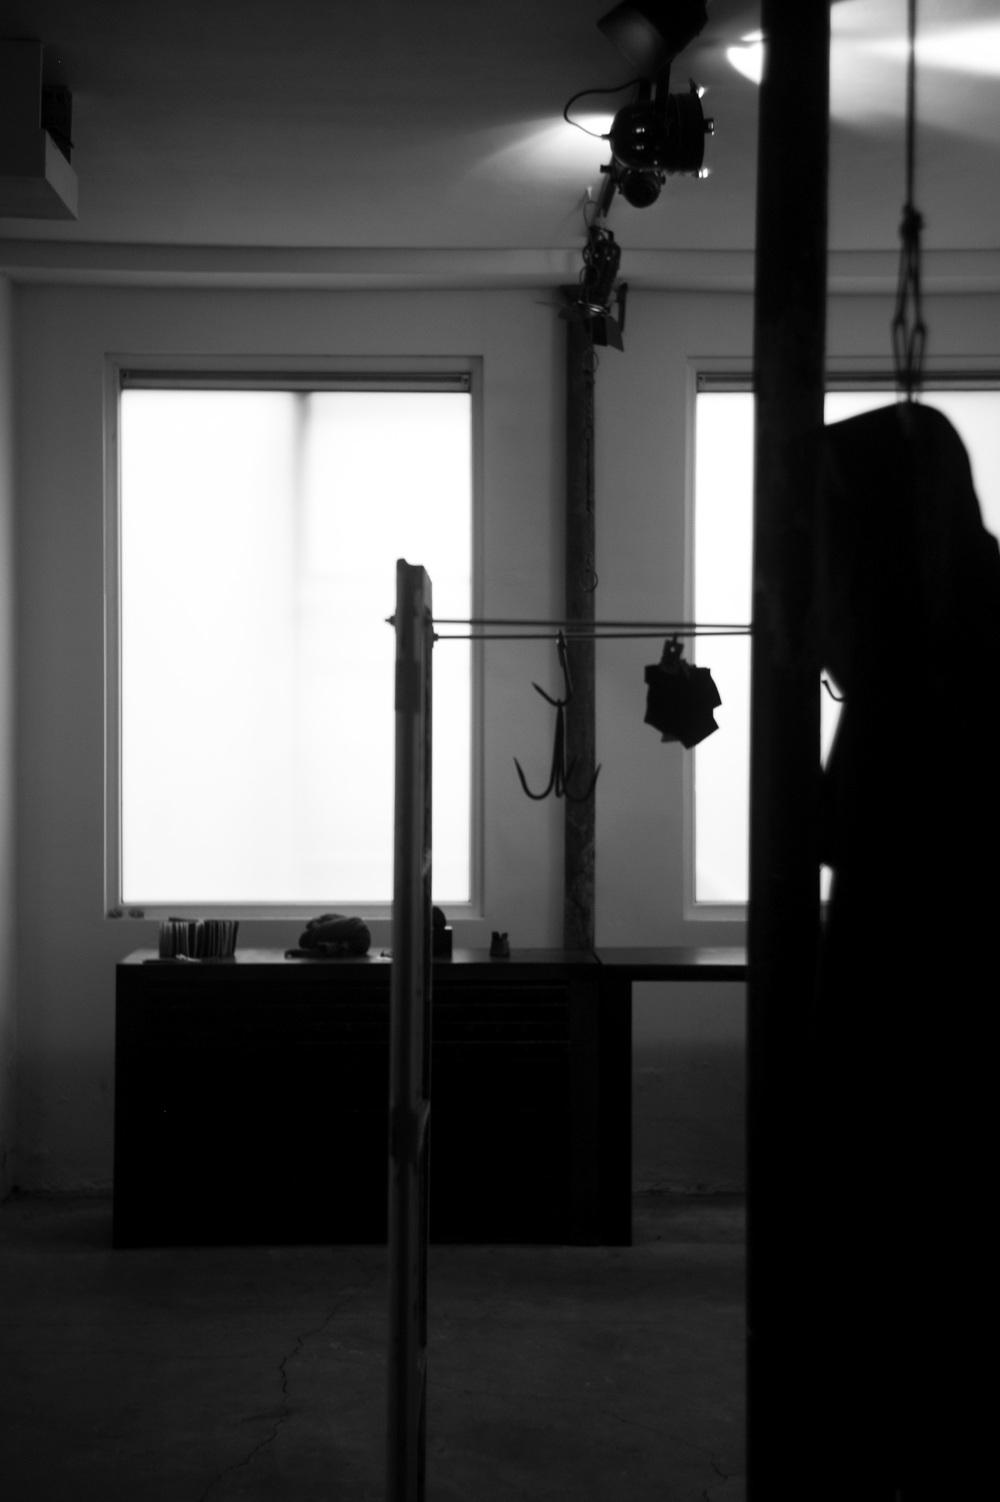 lumen et umbra showroom installation at S/T by laurent segretier